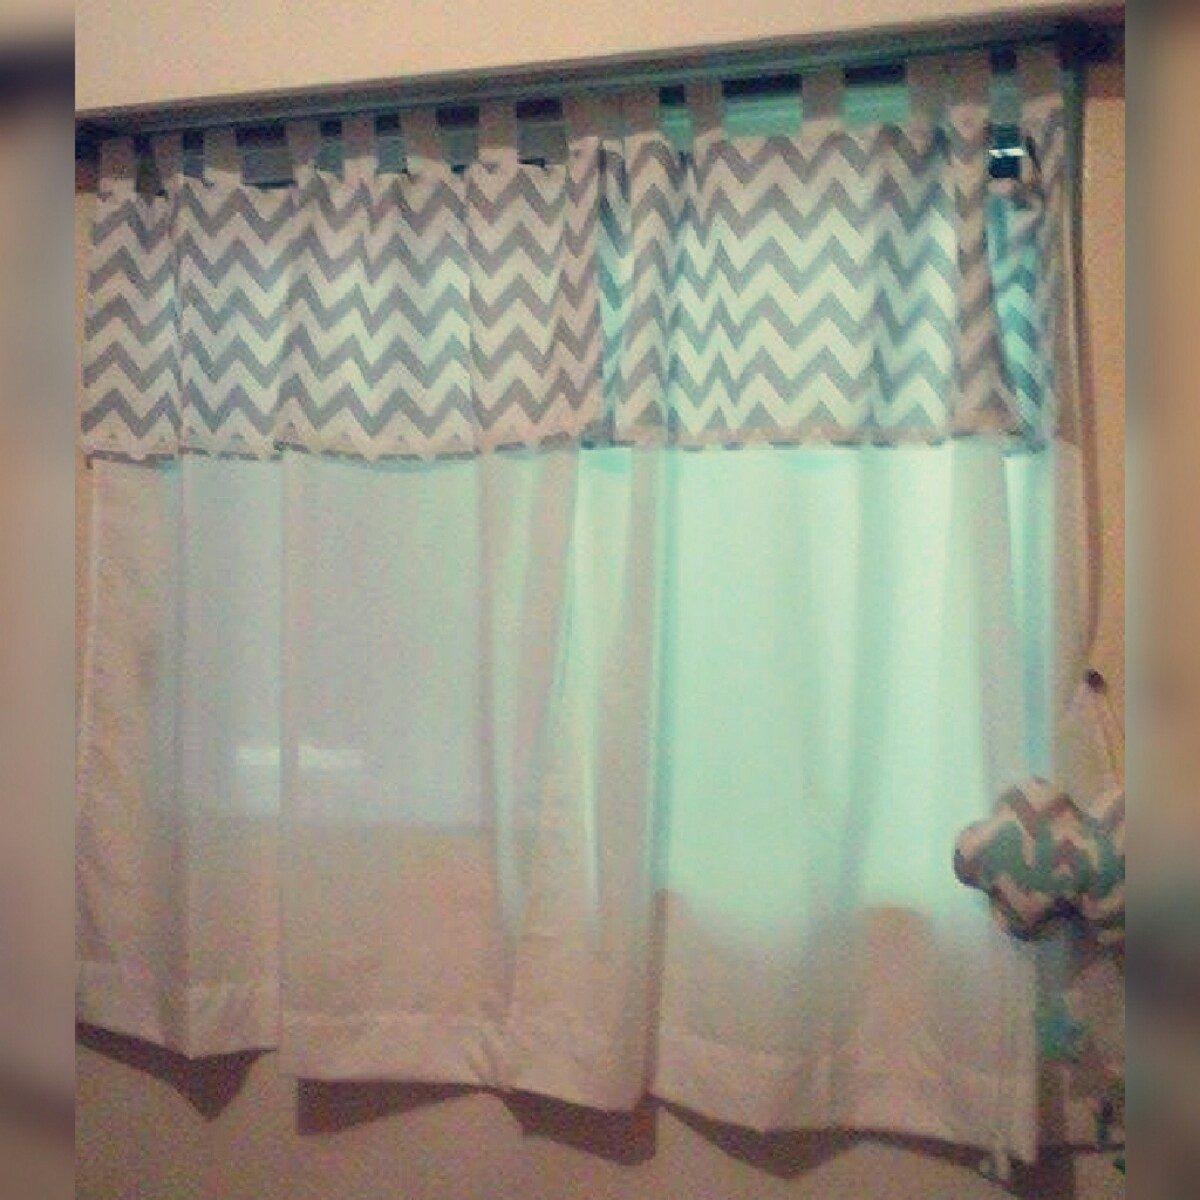 Conjunto lampara y cortina para cuarto de bebé. de segunda mano por ...